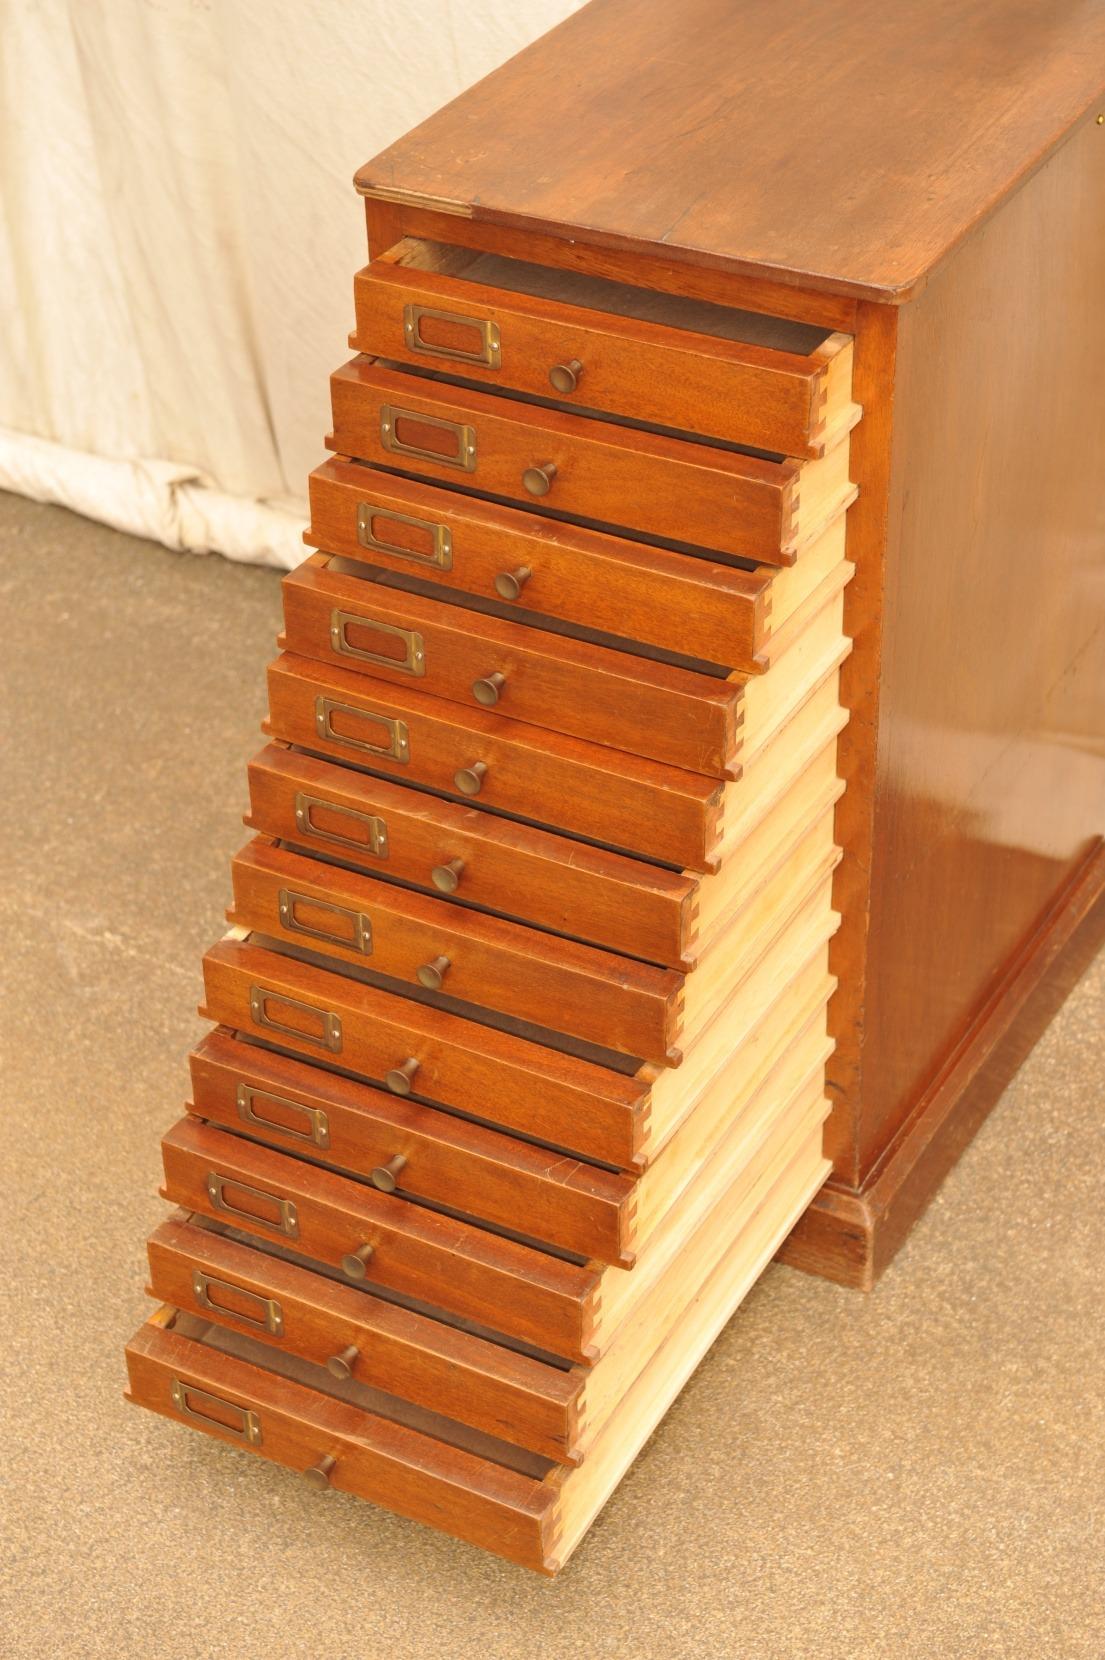 Sammlerschrank mit 12 Schubladen